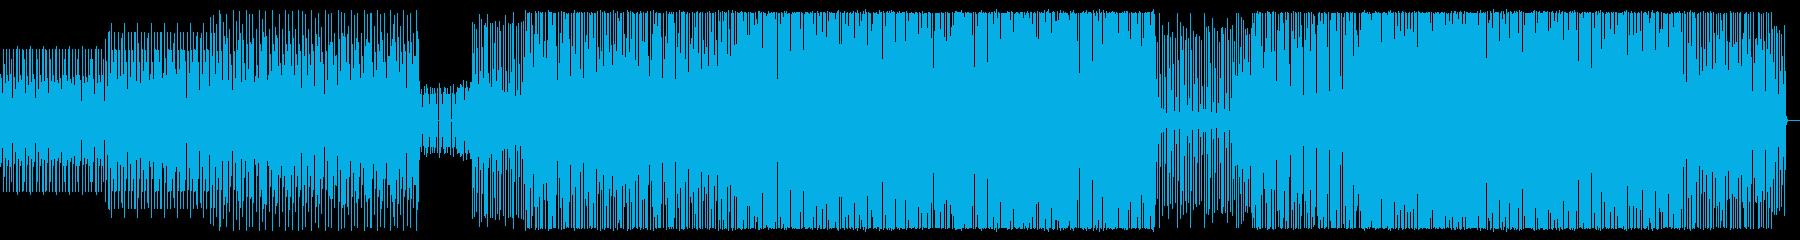 シンプルでクールなテクノの再生済みの波形